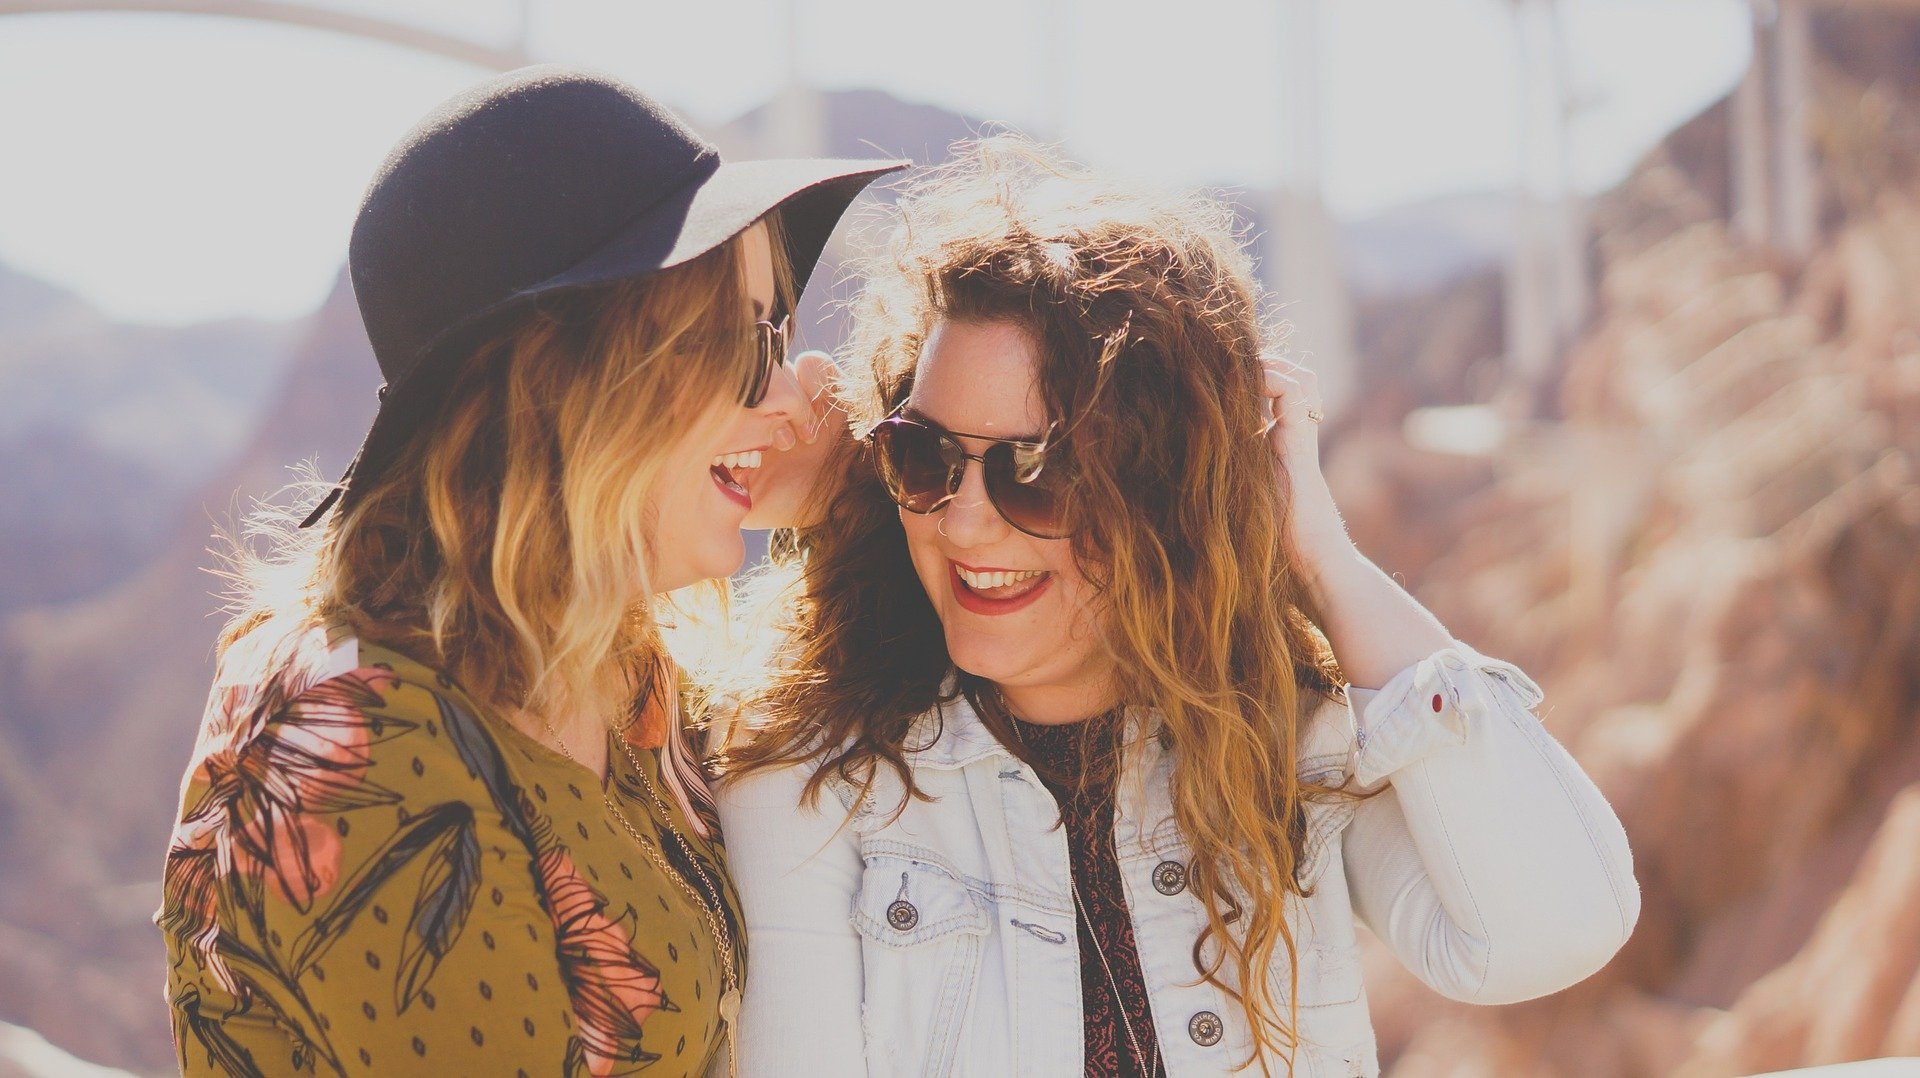 Des femmes qui rient. | Photo : Pixabay